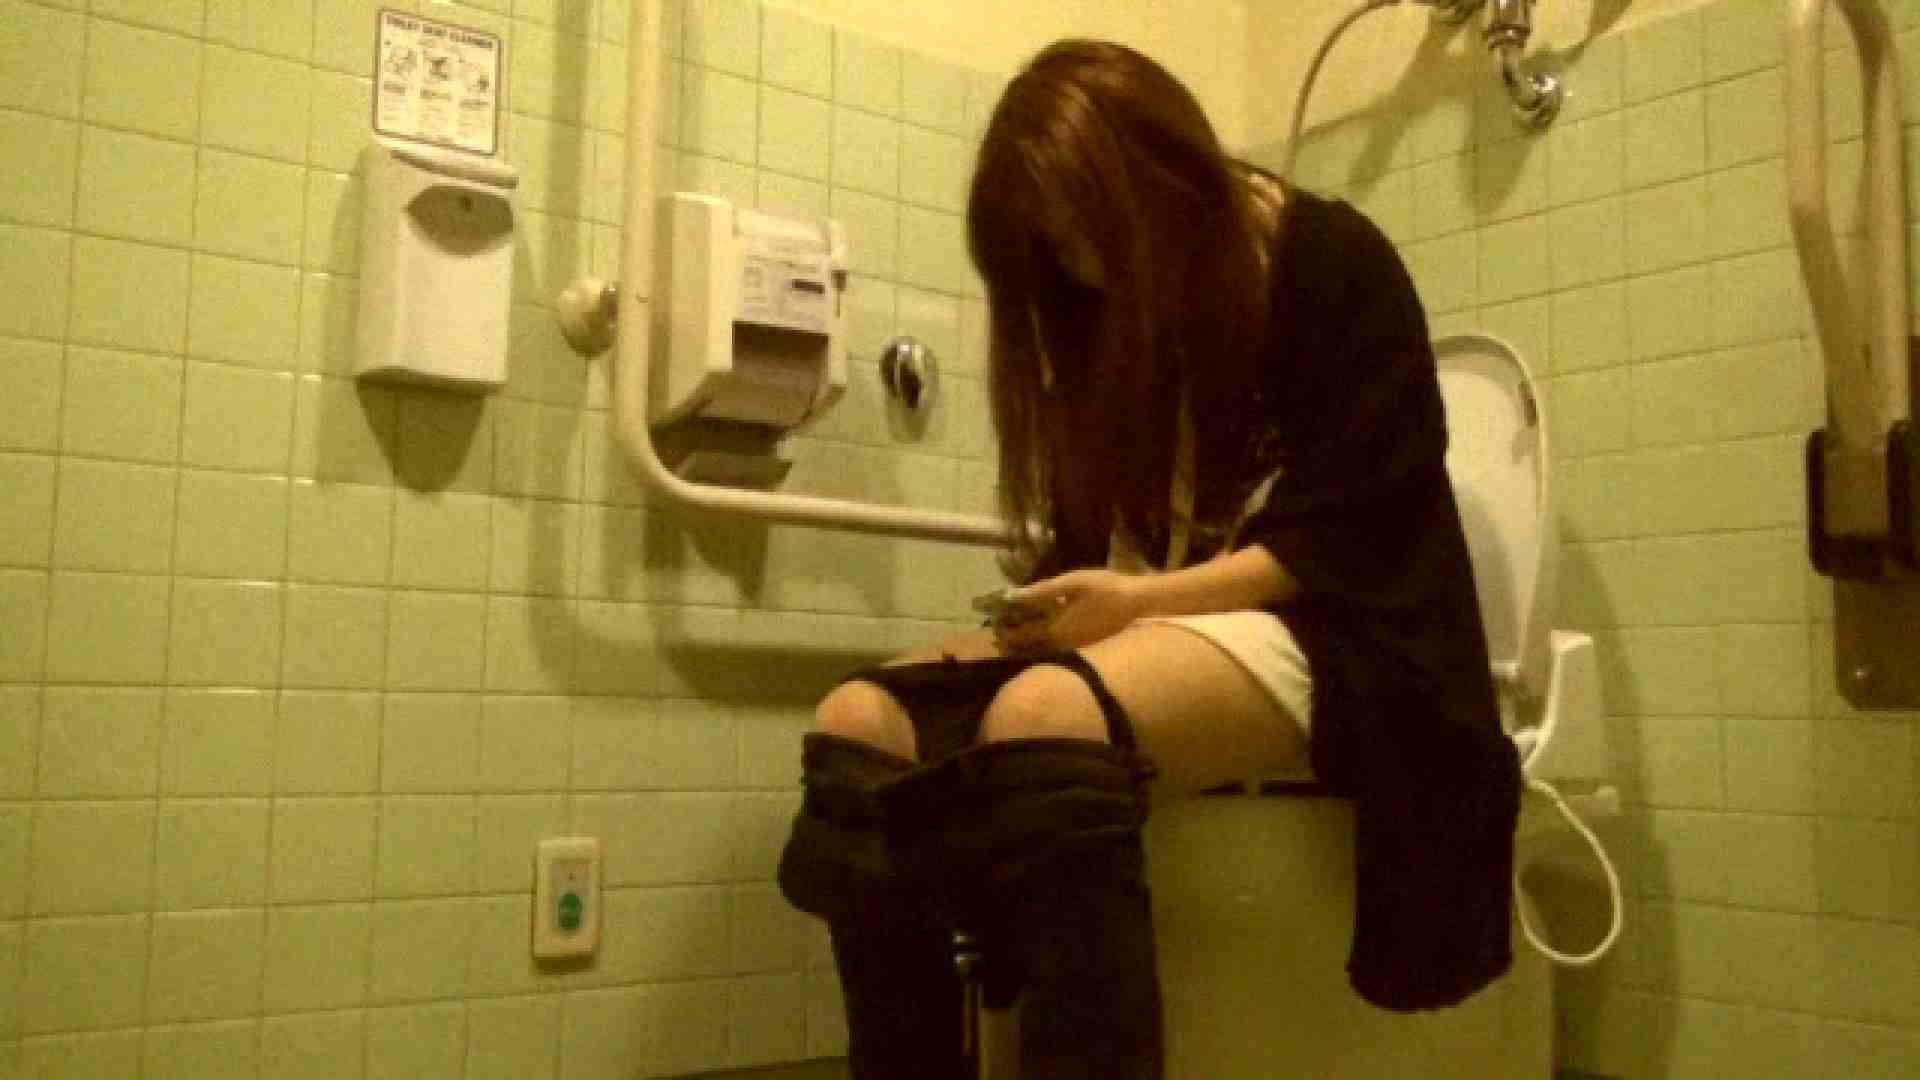 魔術師の お・も・て・な・し vol.26 19歳のバーの店員さんの洗面所をしばし… 洗面所 | 美女OL  54連発 53